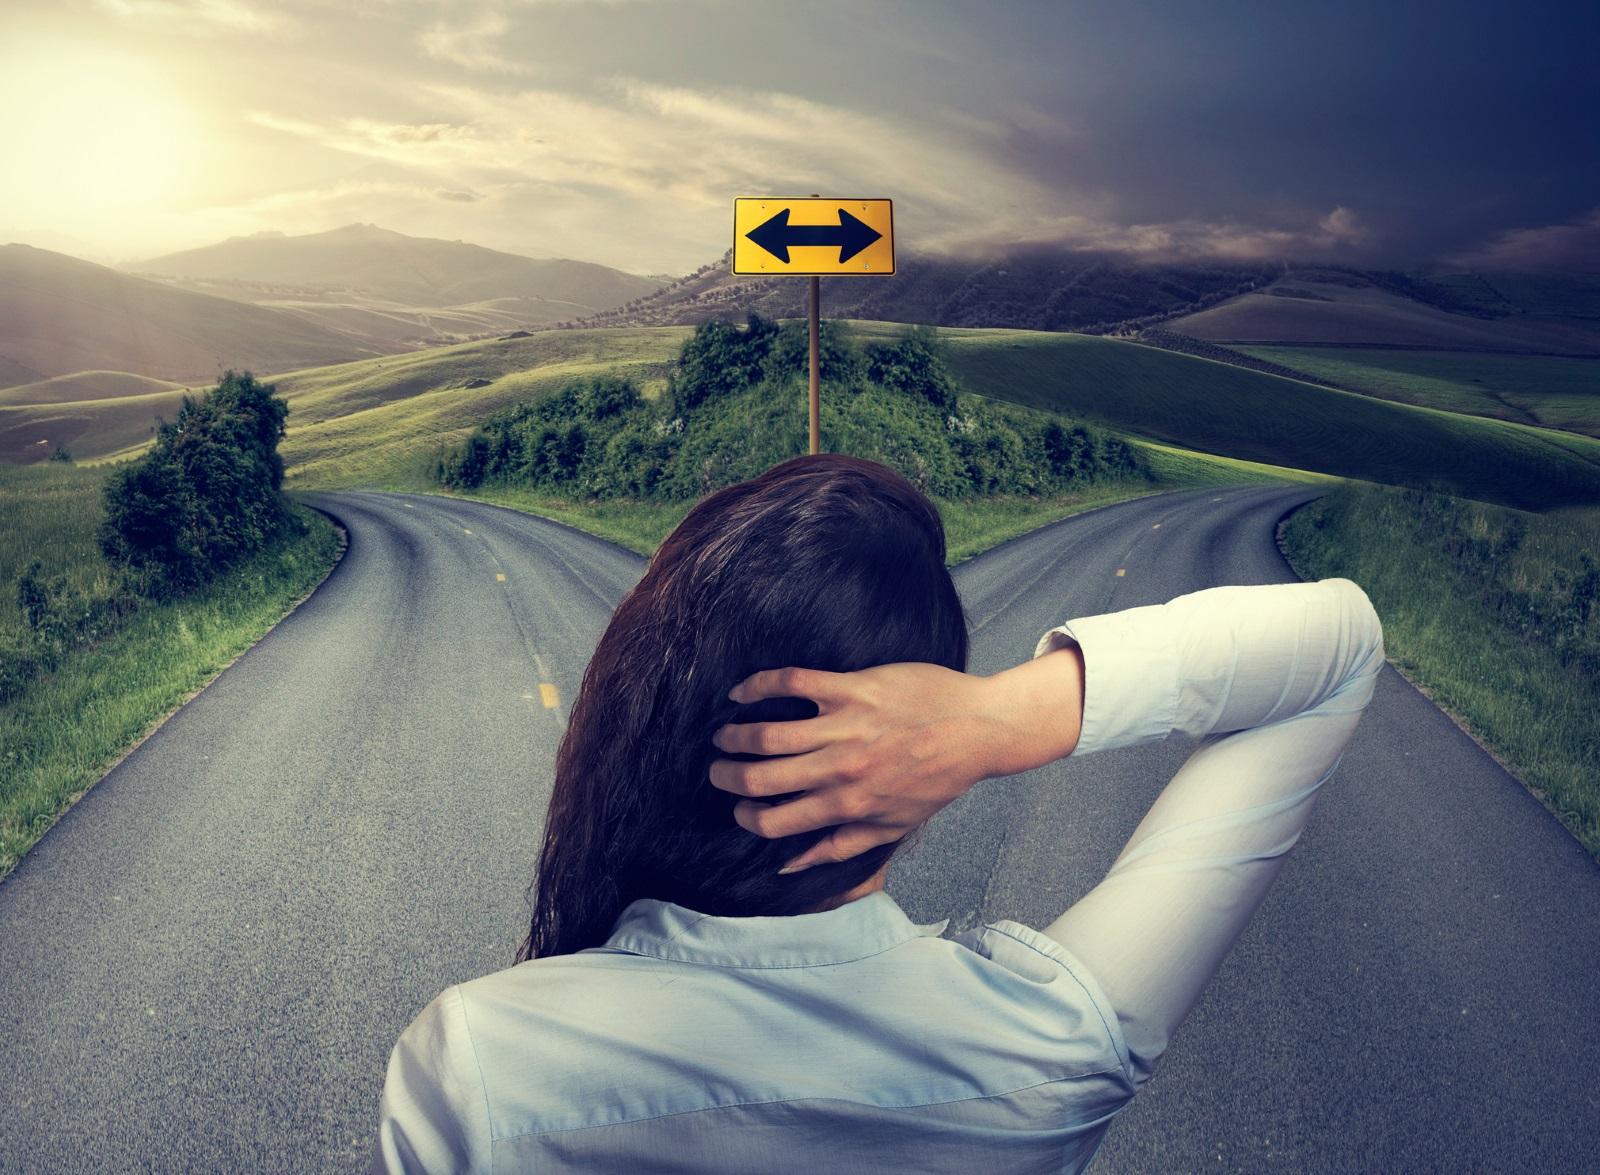 5.Тази криза настъпва някъде към 32-37 година, когато вече е натрупан опит във взаимоотношенията с околните, в кариерата, в семейството, когато вече има сериозни житейски резултати.Ако ви стига мъжеството да признаете грешките си и да коригирате живота си и плановете си, то изходът от тази криза ще донесе нов приток от свежи сили, нови перспективи и възможности.